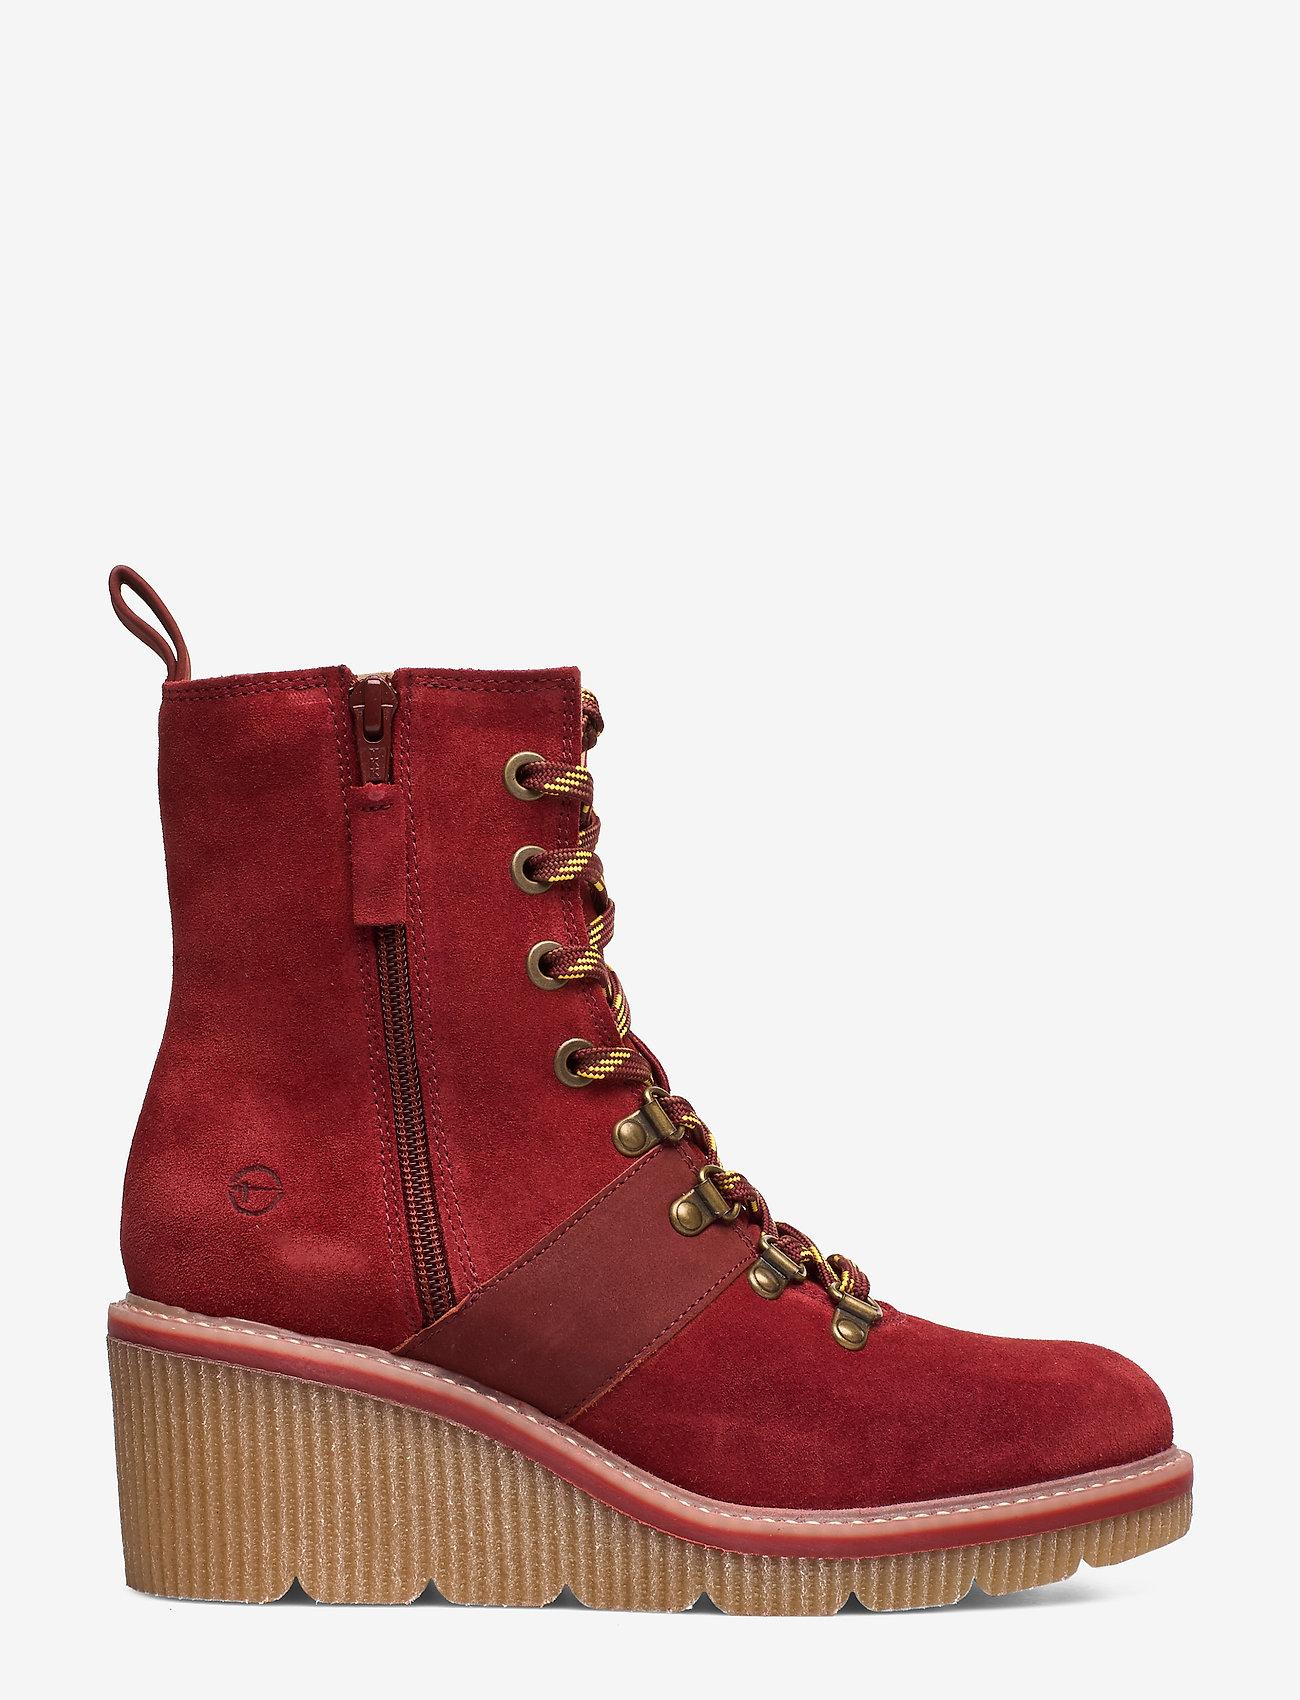 Tamaris - Boots - ankelstøvler med hæl - brick - 1